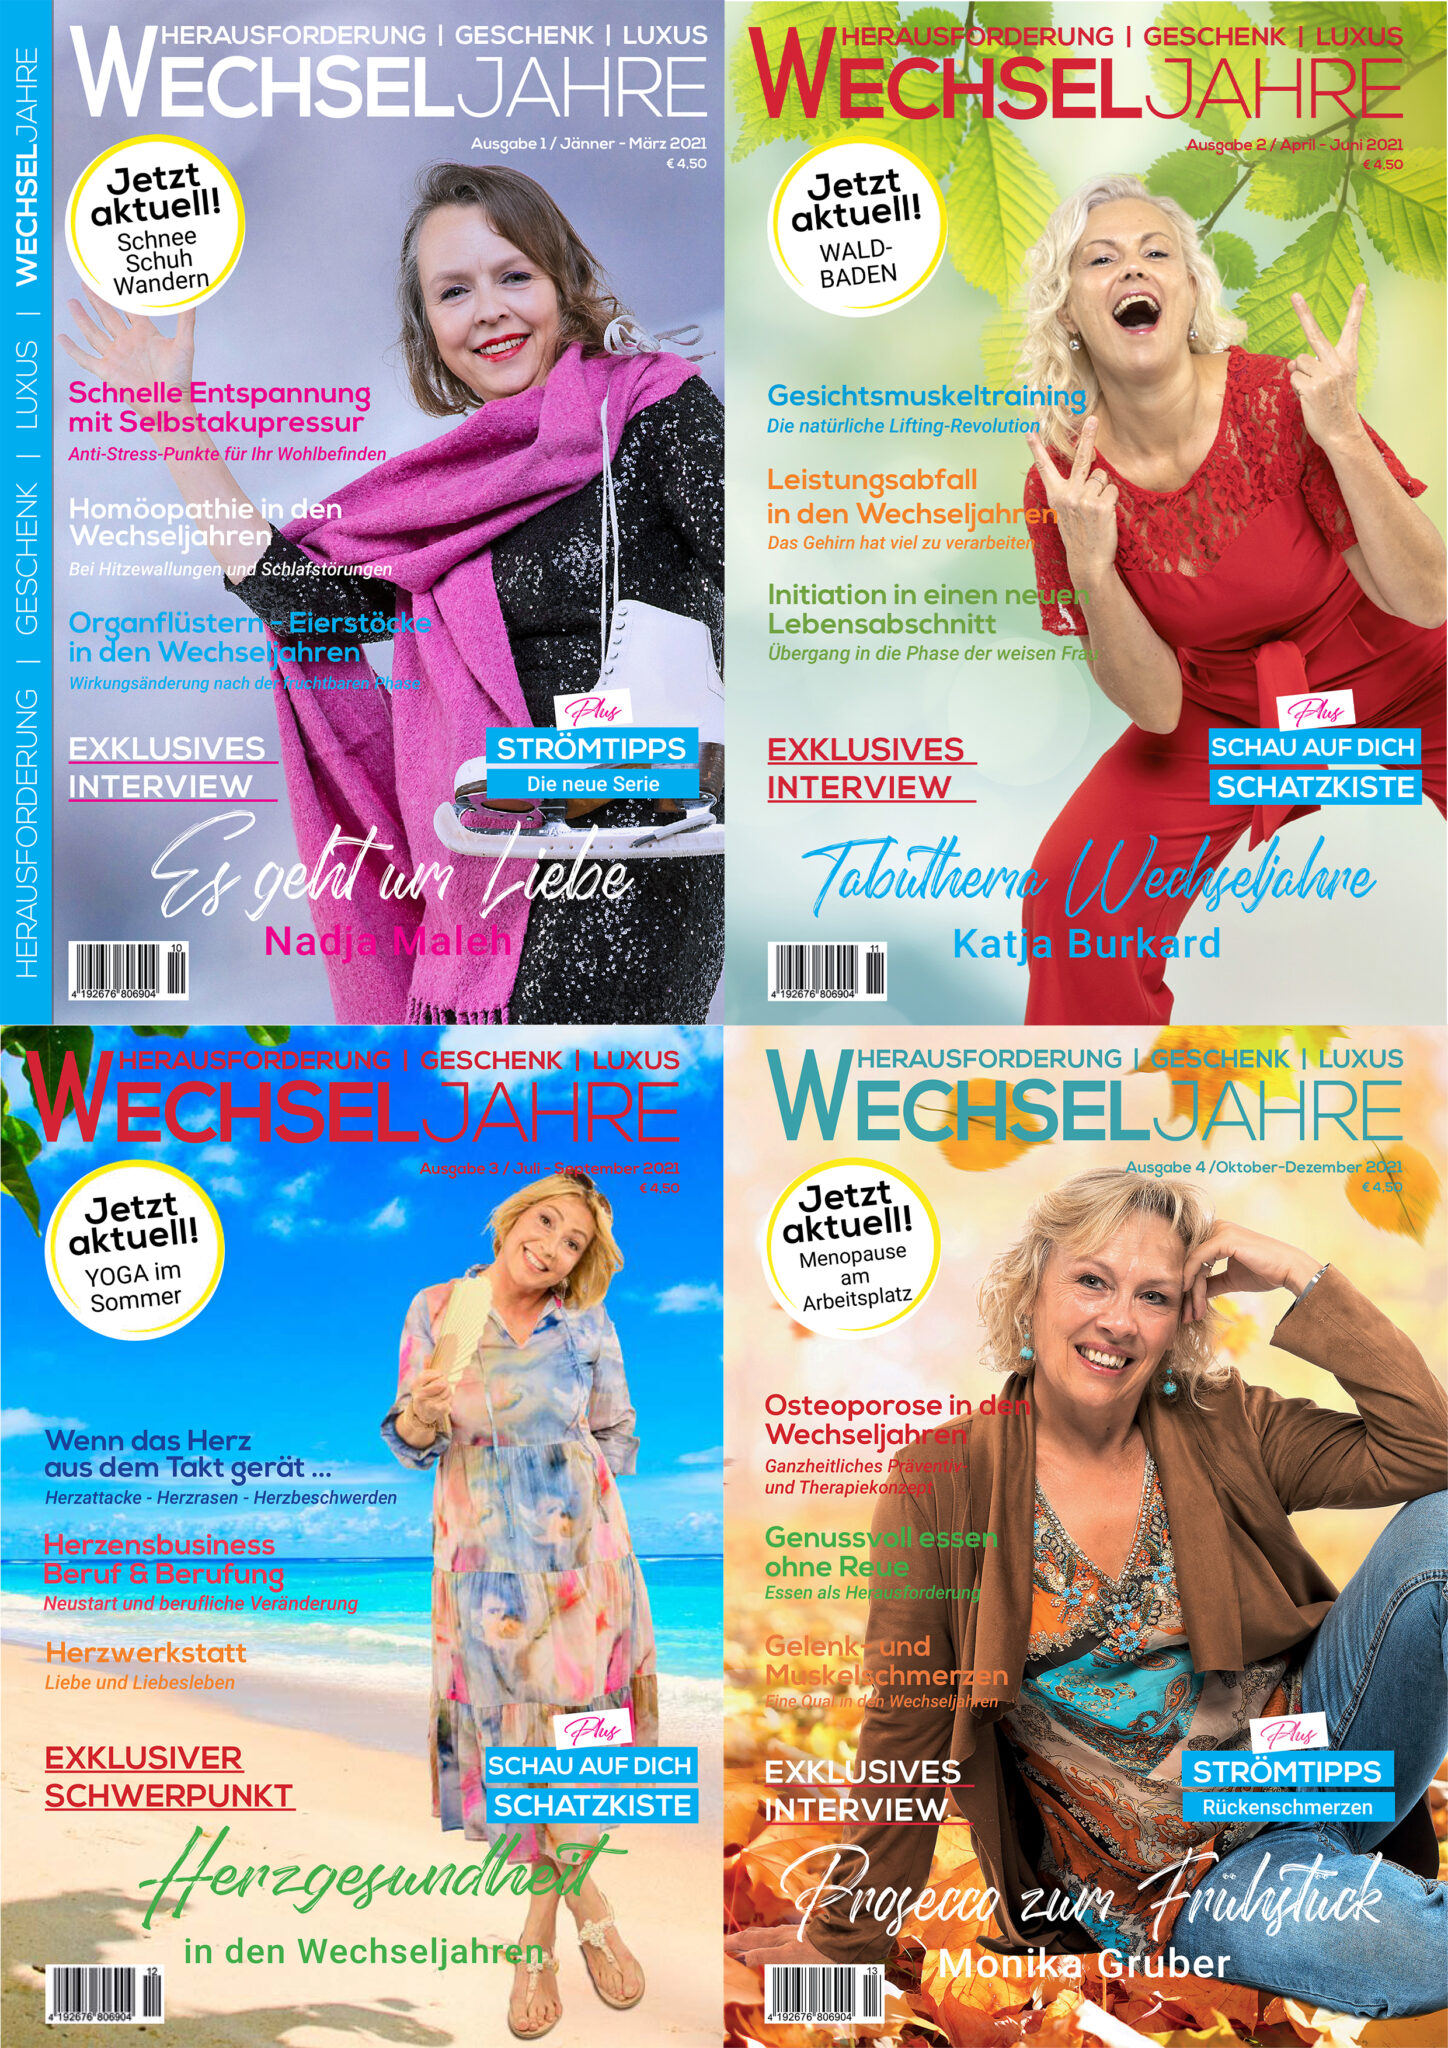 Magazin Wechseljahre   Abo 2020   Ausgaben 1-5/2020   Preis 15,- €   Magazin Wechseljahre  meine-wechseljahre.com